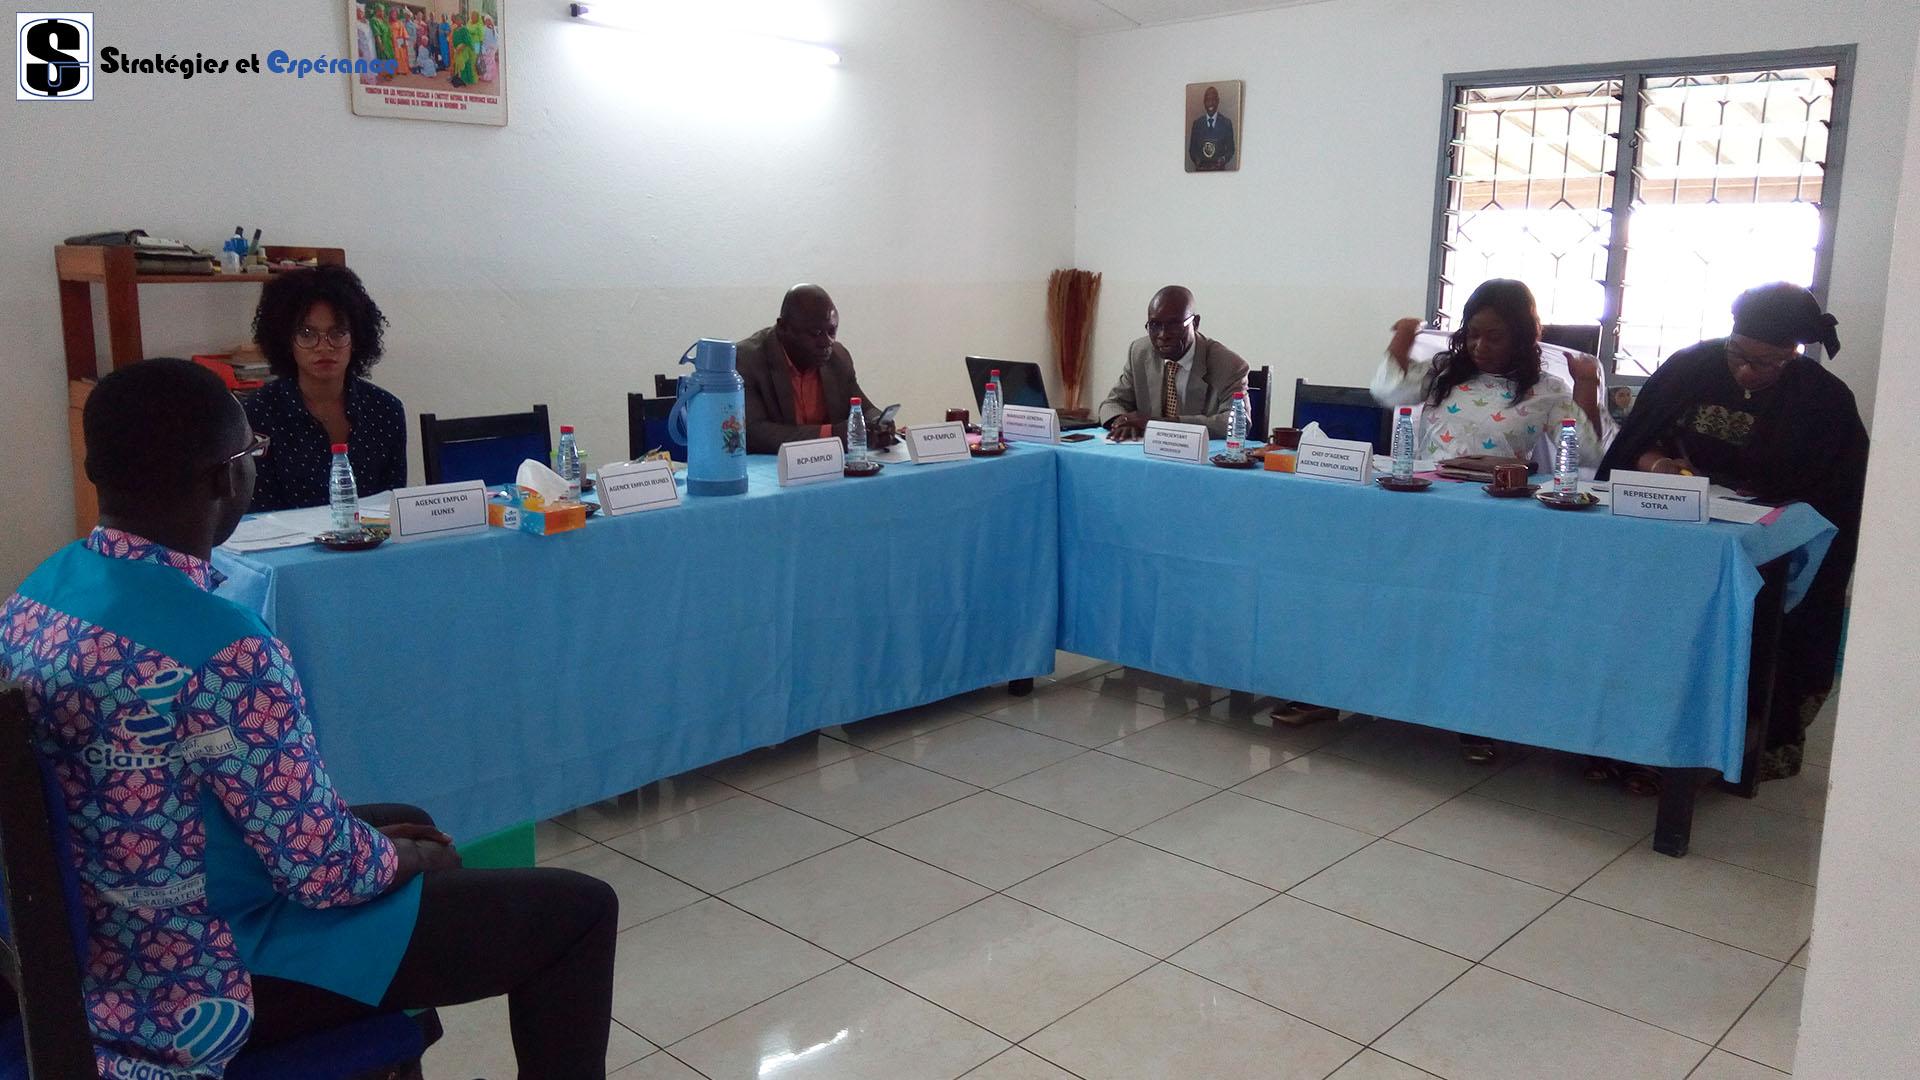 Septembre 2019: Sélection des auditeurs pour le projet de Formation Reconversion Requalification avec l'Agence Emplois Jeunes.